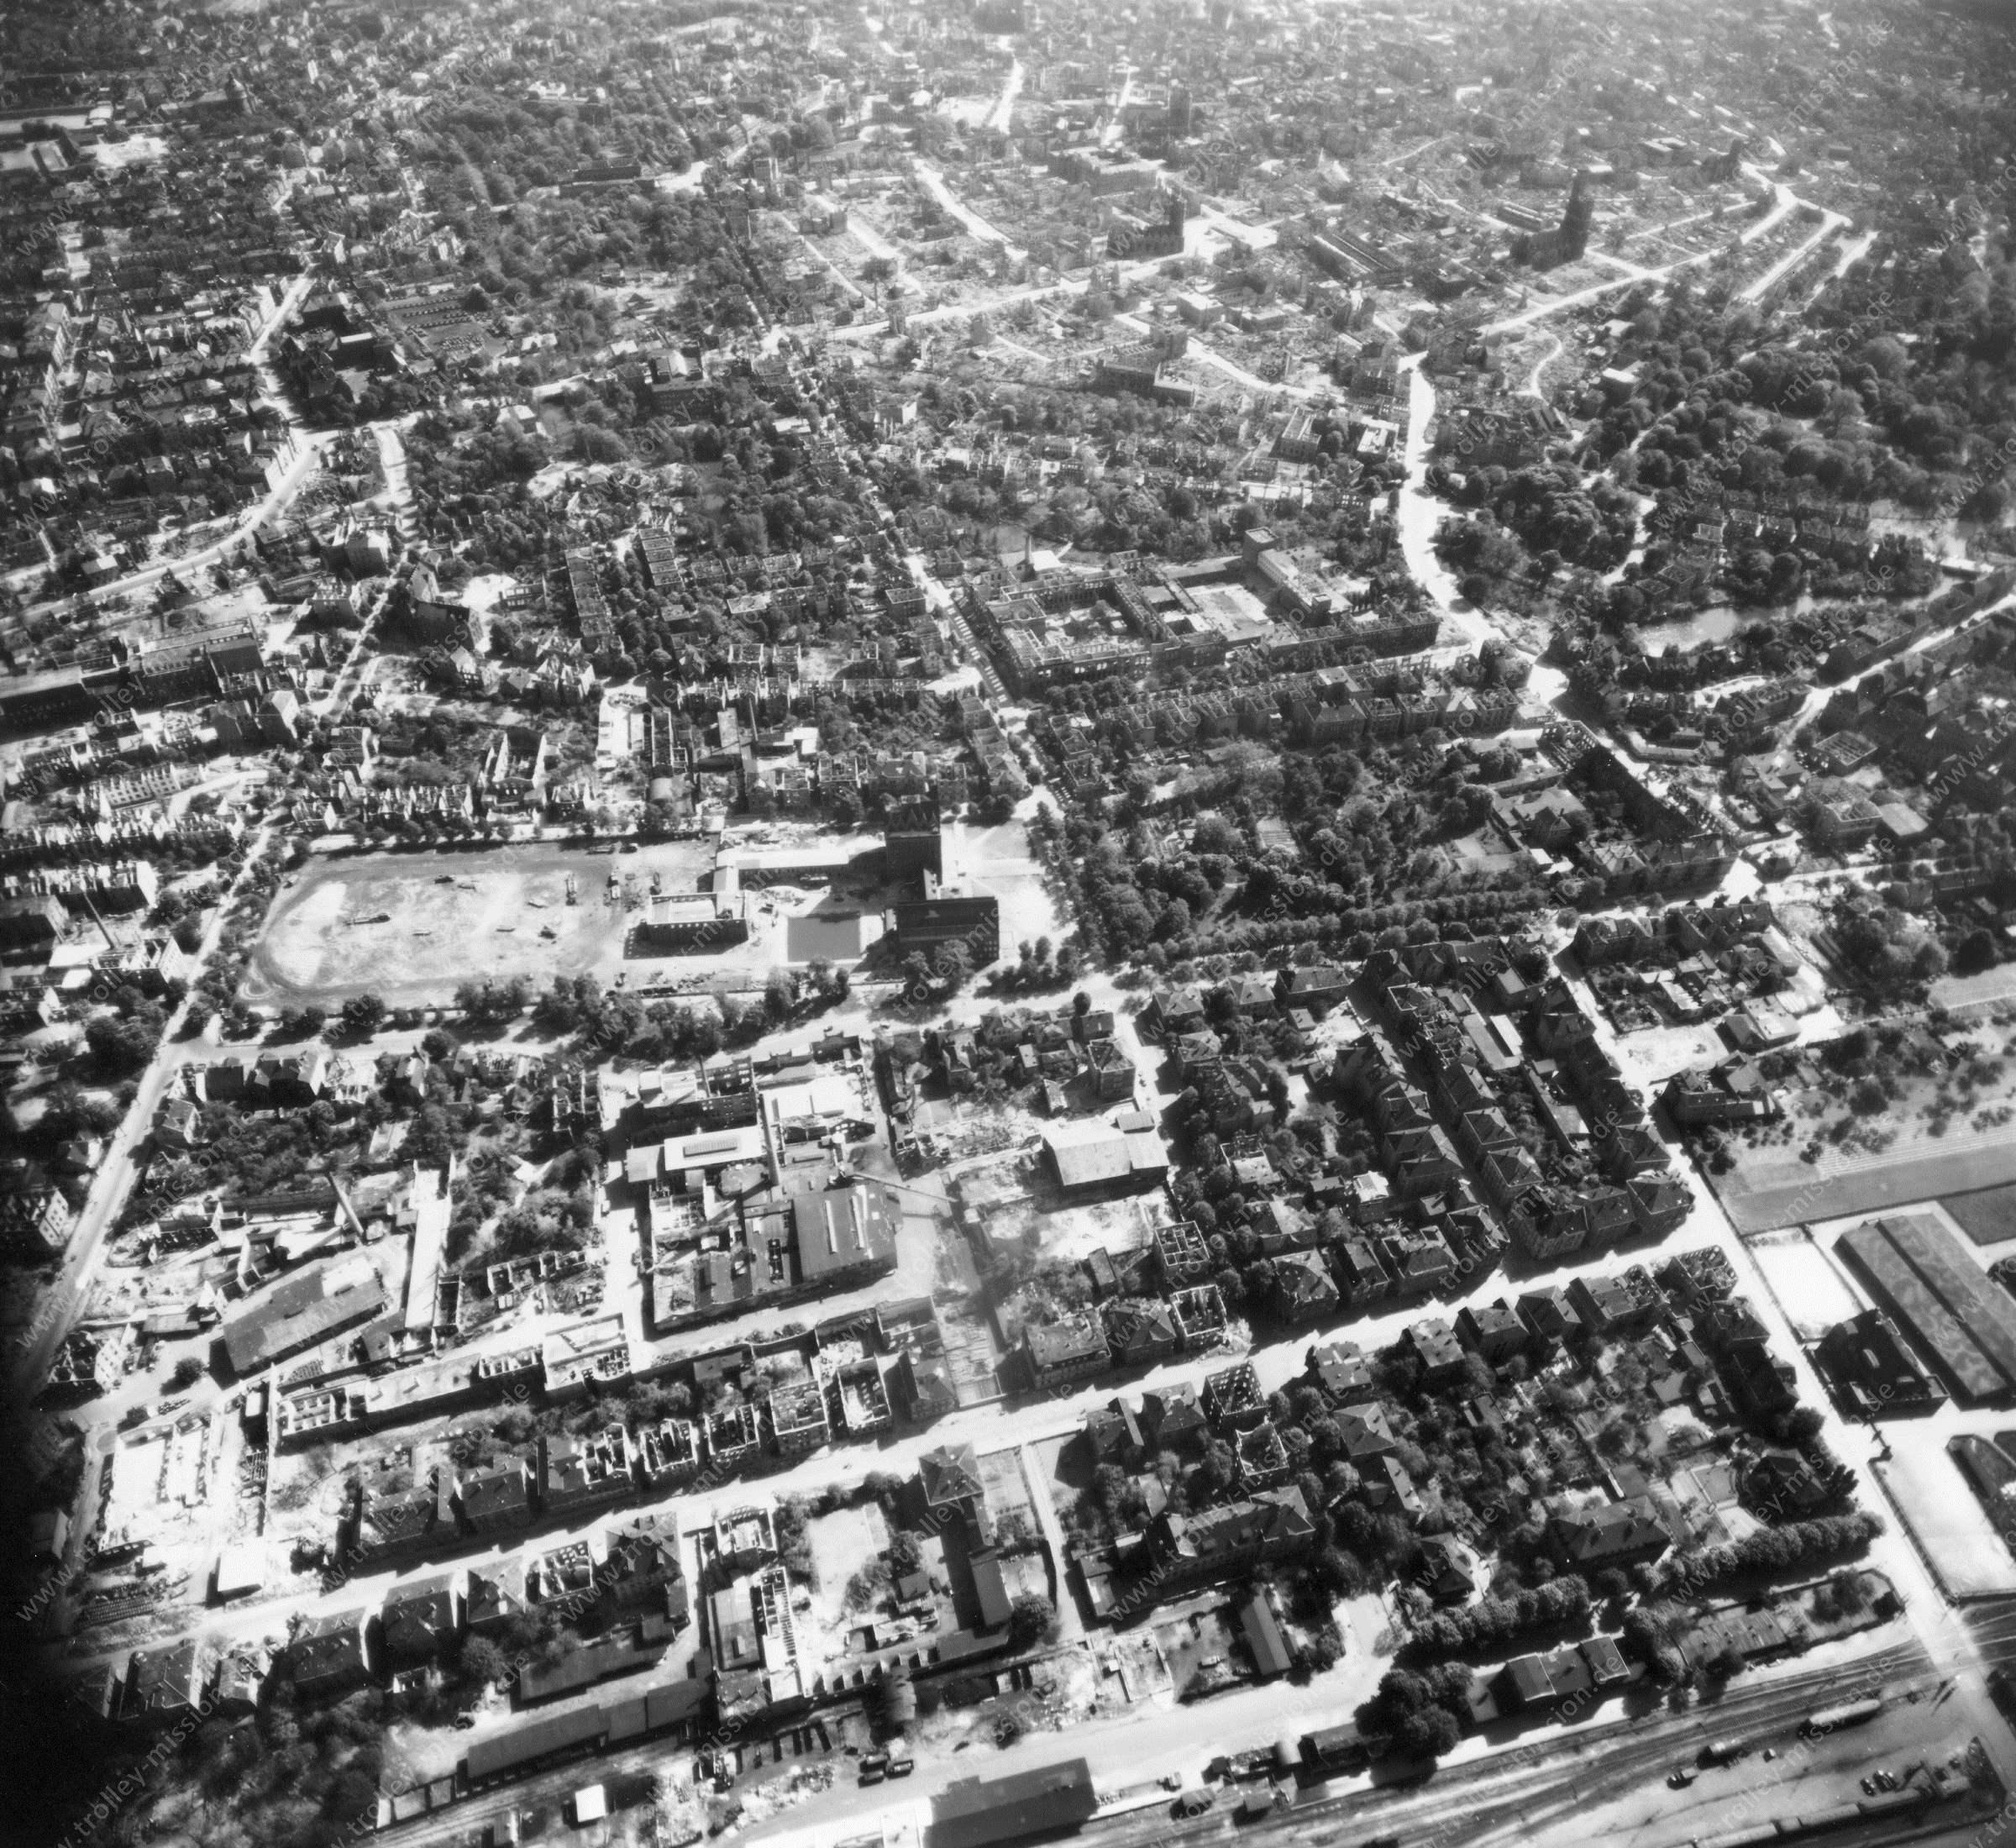 Luftbild von Braunschweig am 12. Mai 1945 - Luftbildserie 5/11 der US Air Force